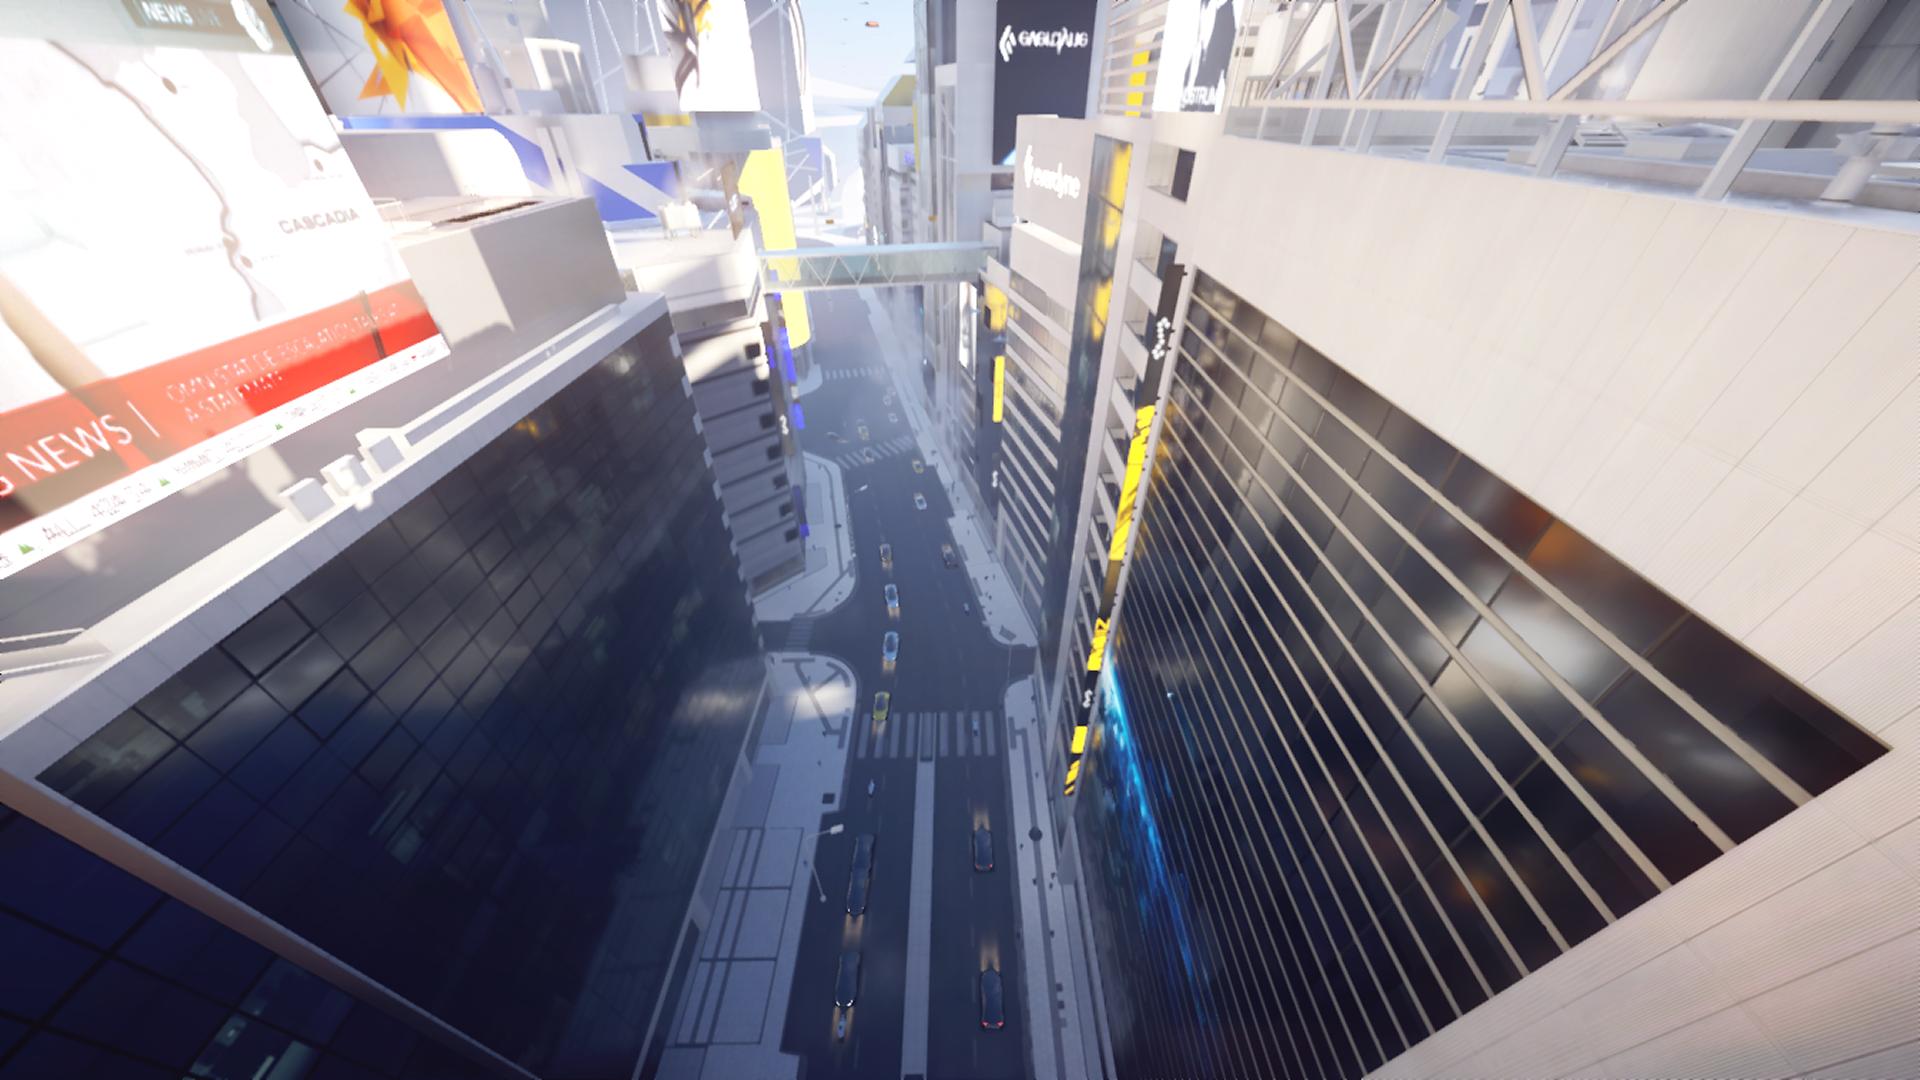 Mirror's Edge: Catalyst (XBOX ONE S)